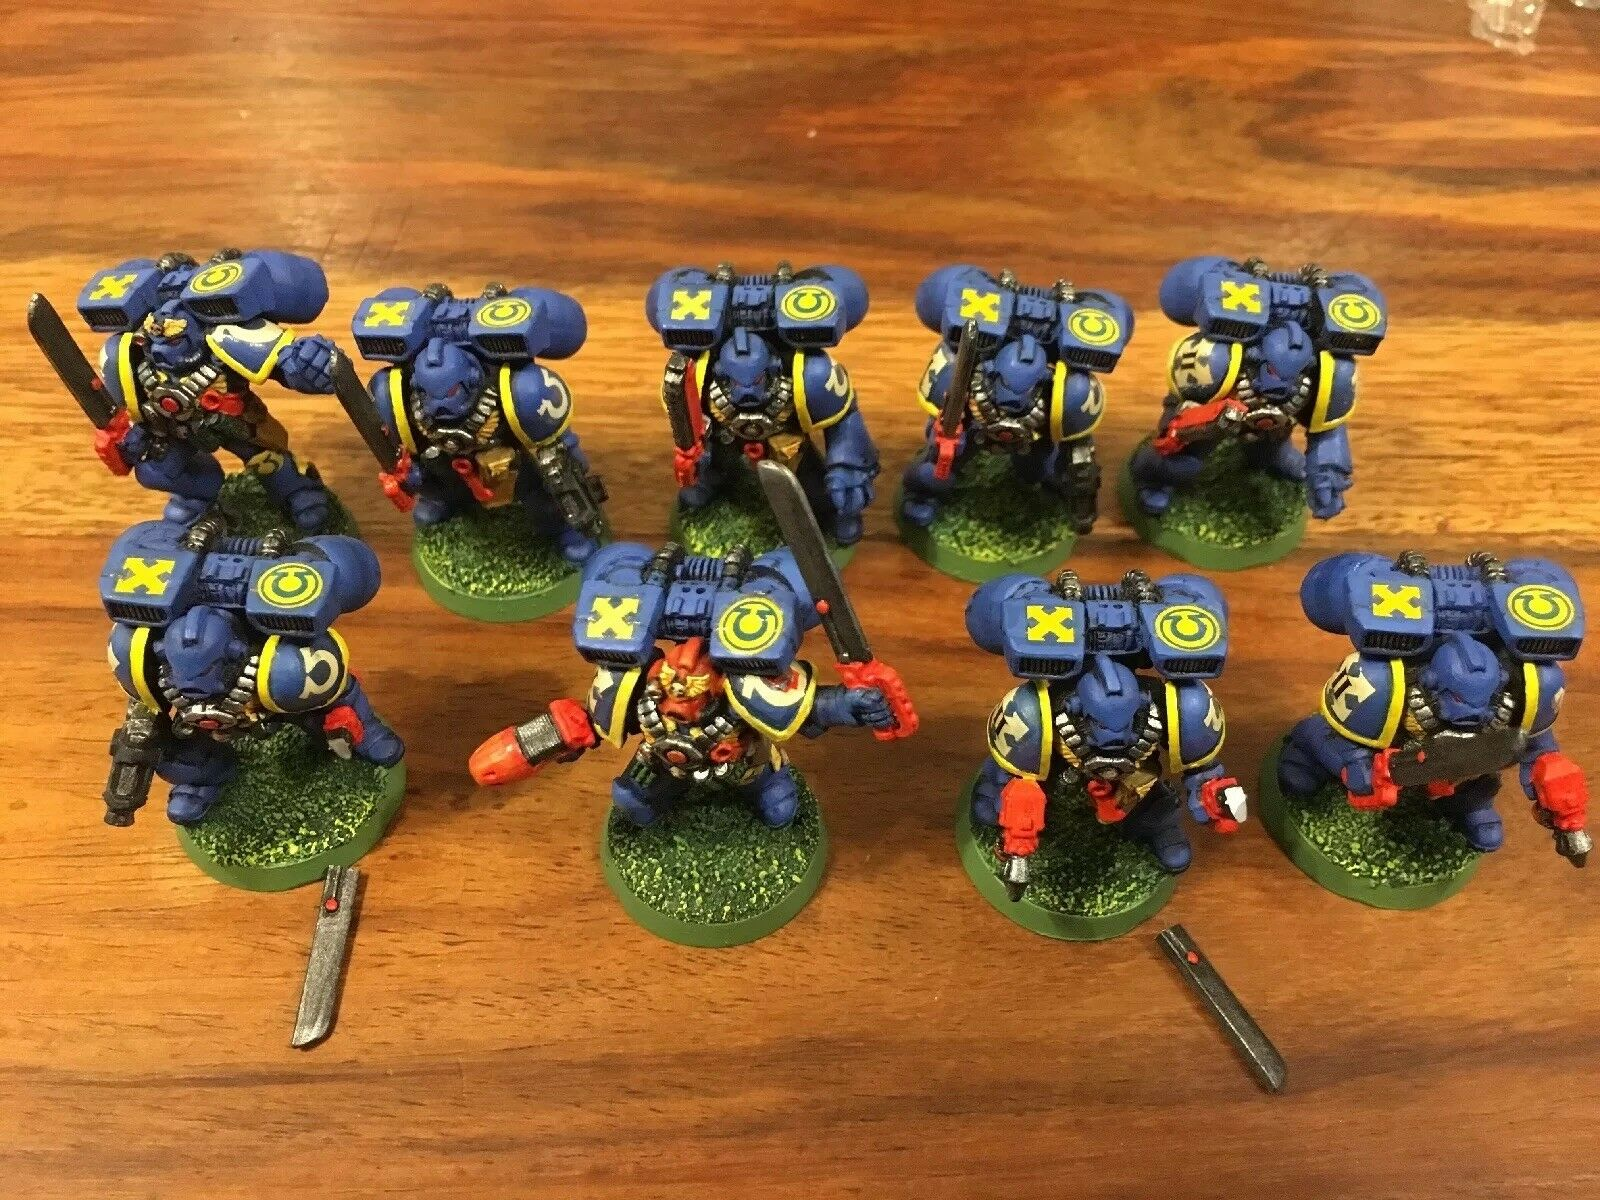 Paquetes de asalto marines con salto de metal Ultramarines X9 Warhammer 40k Lote De Trabajo